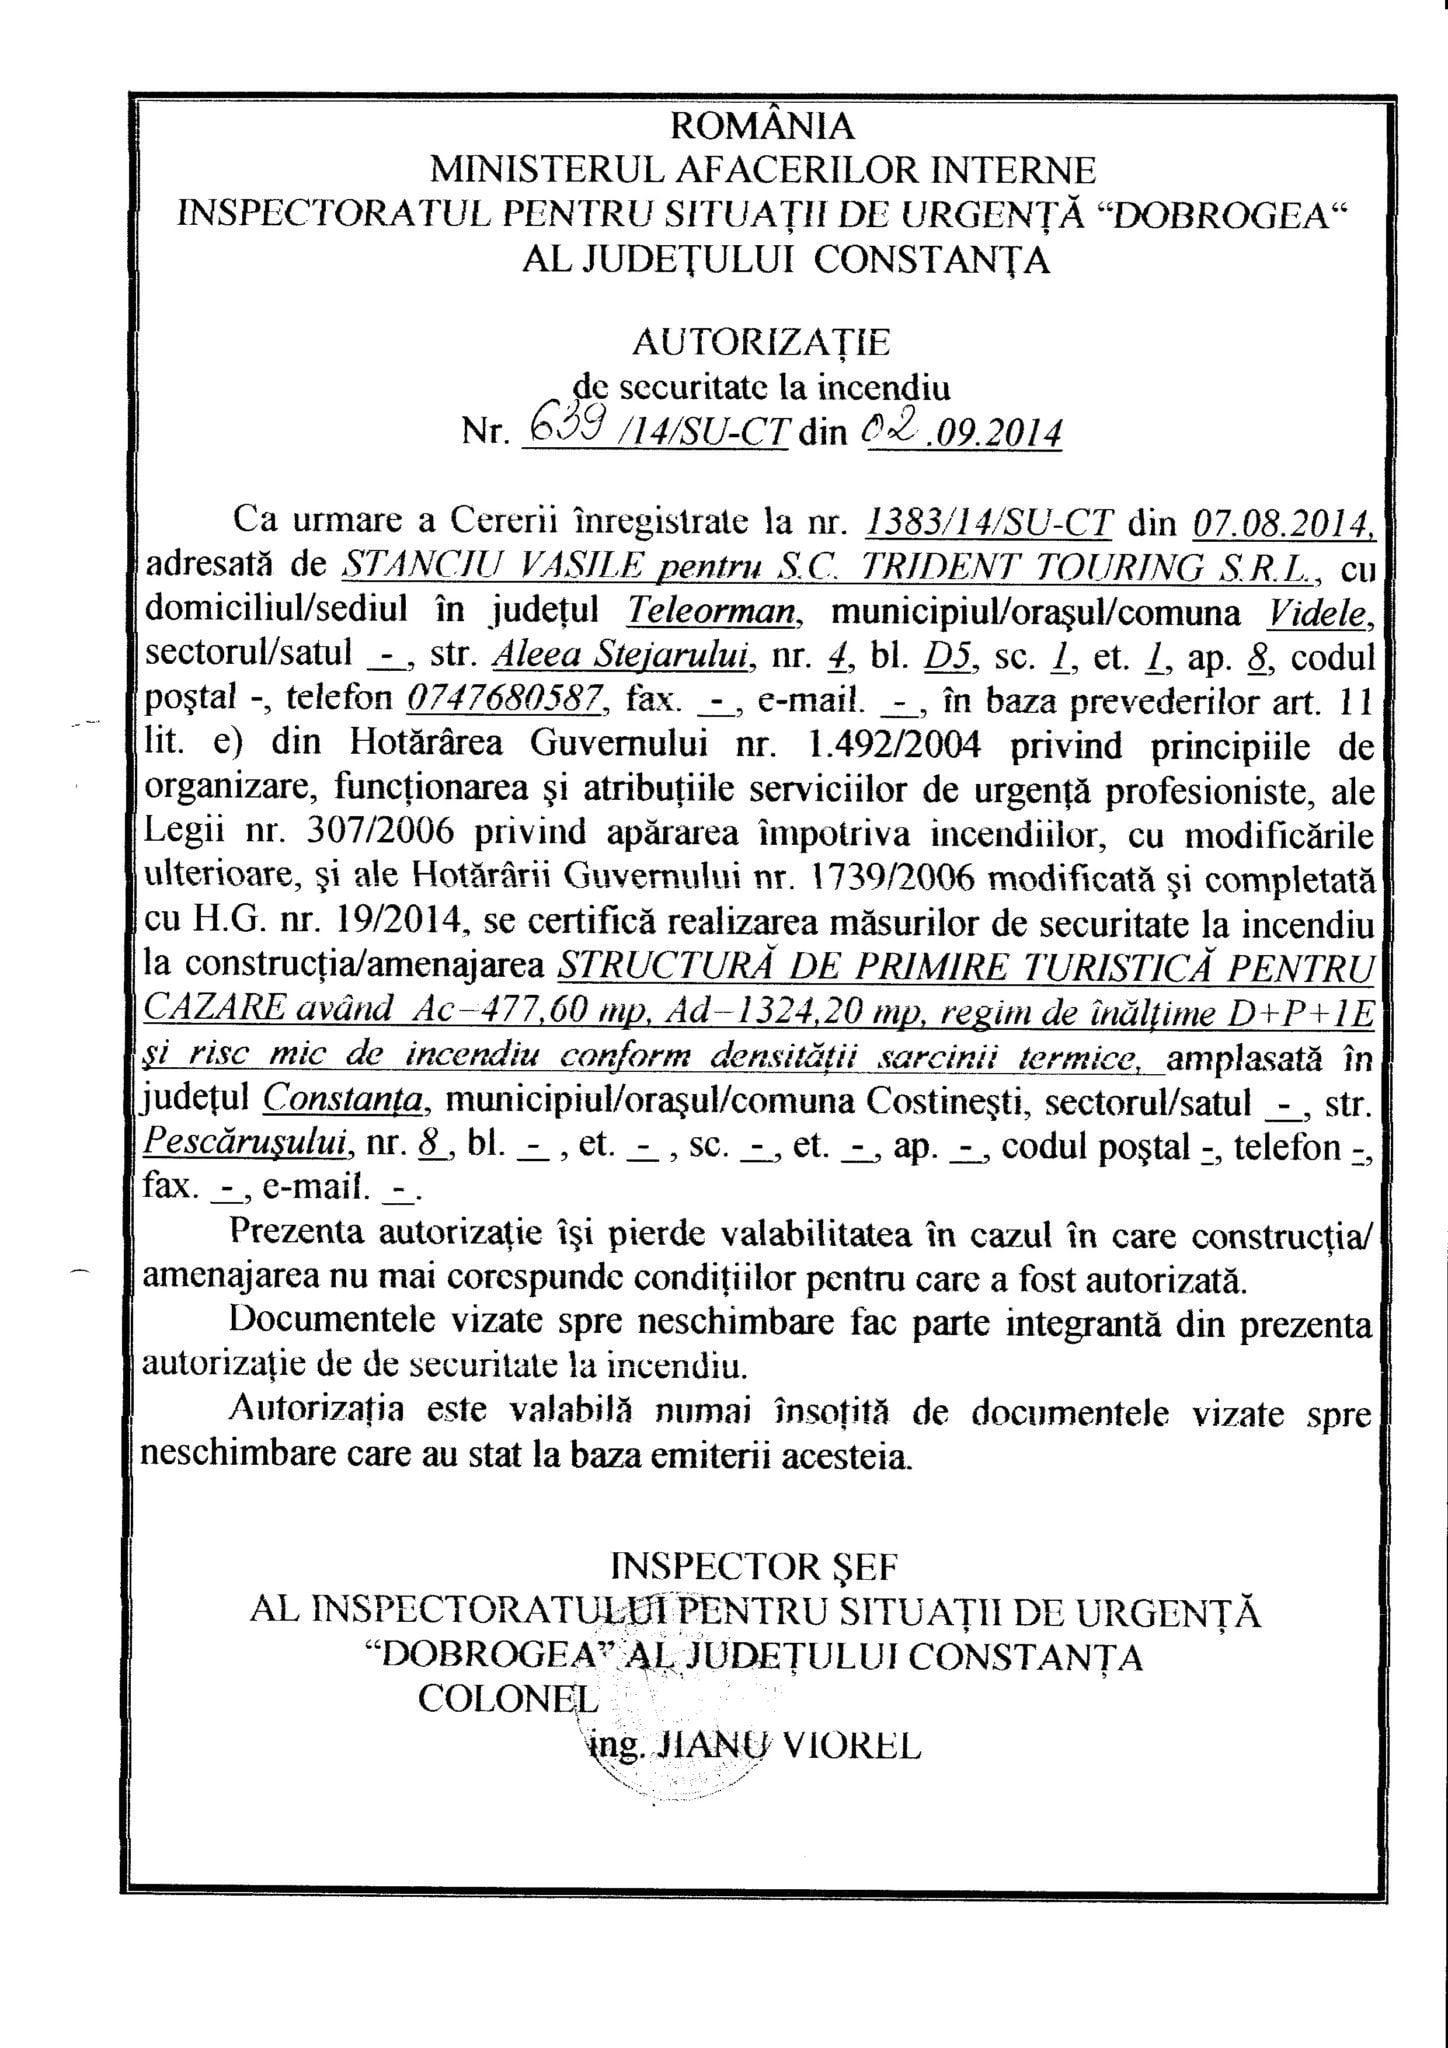 Autorizatie ISU DOBROGEA TRIDENT1